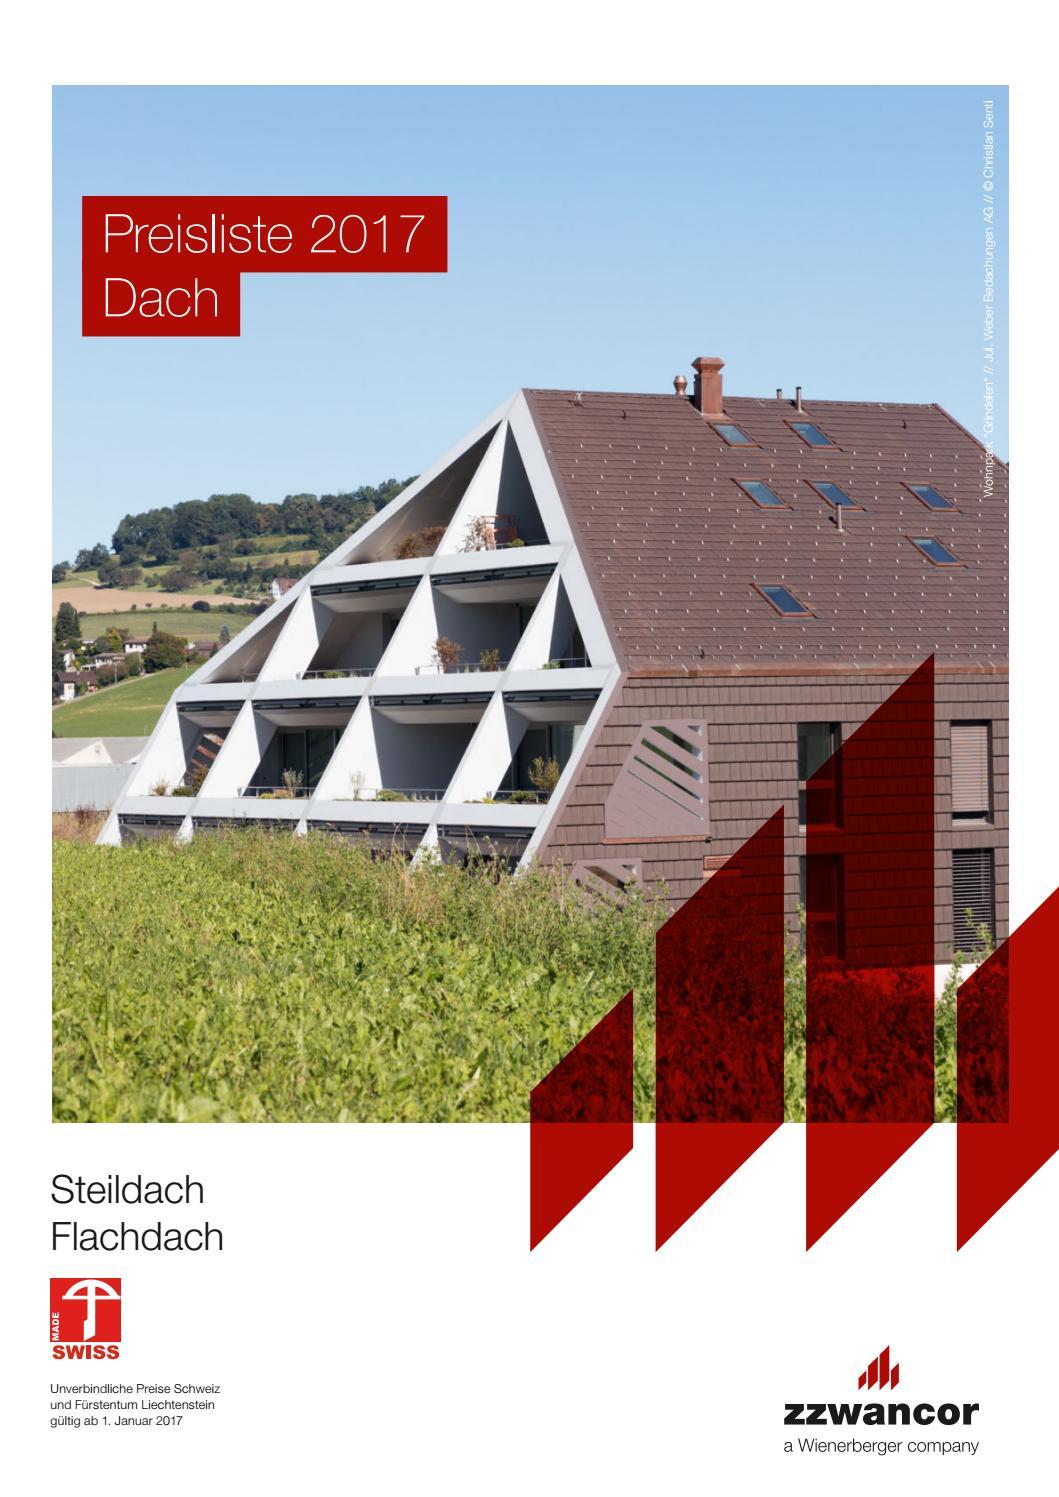 preisliste dach 2017 steildach, flachdach ( pdf) by wienerberger